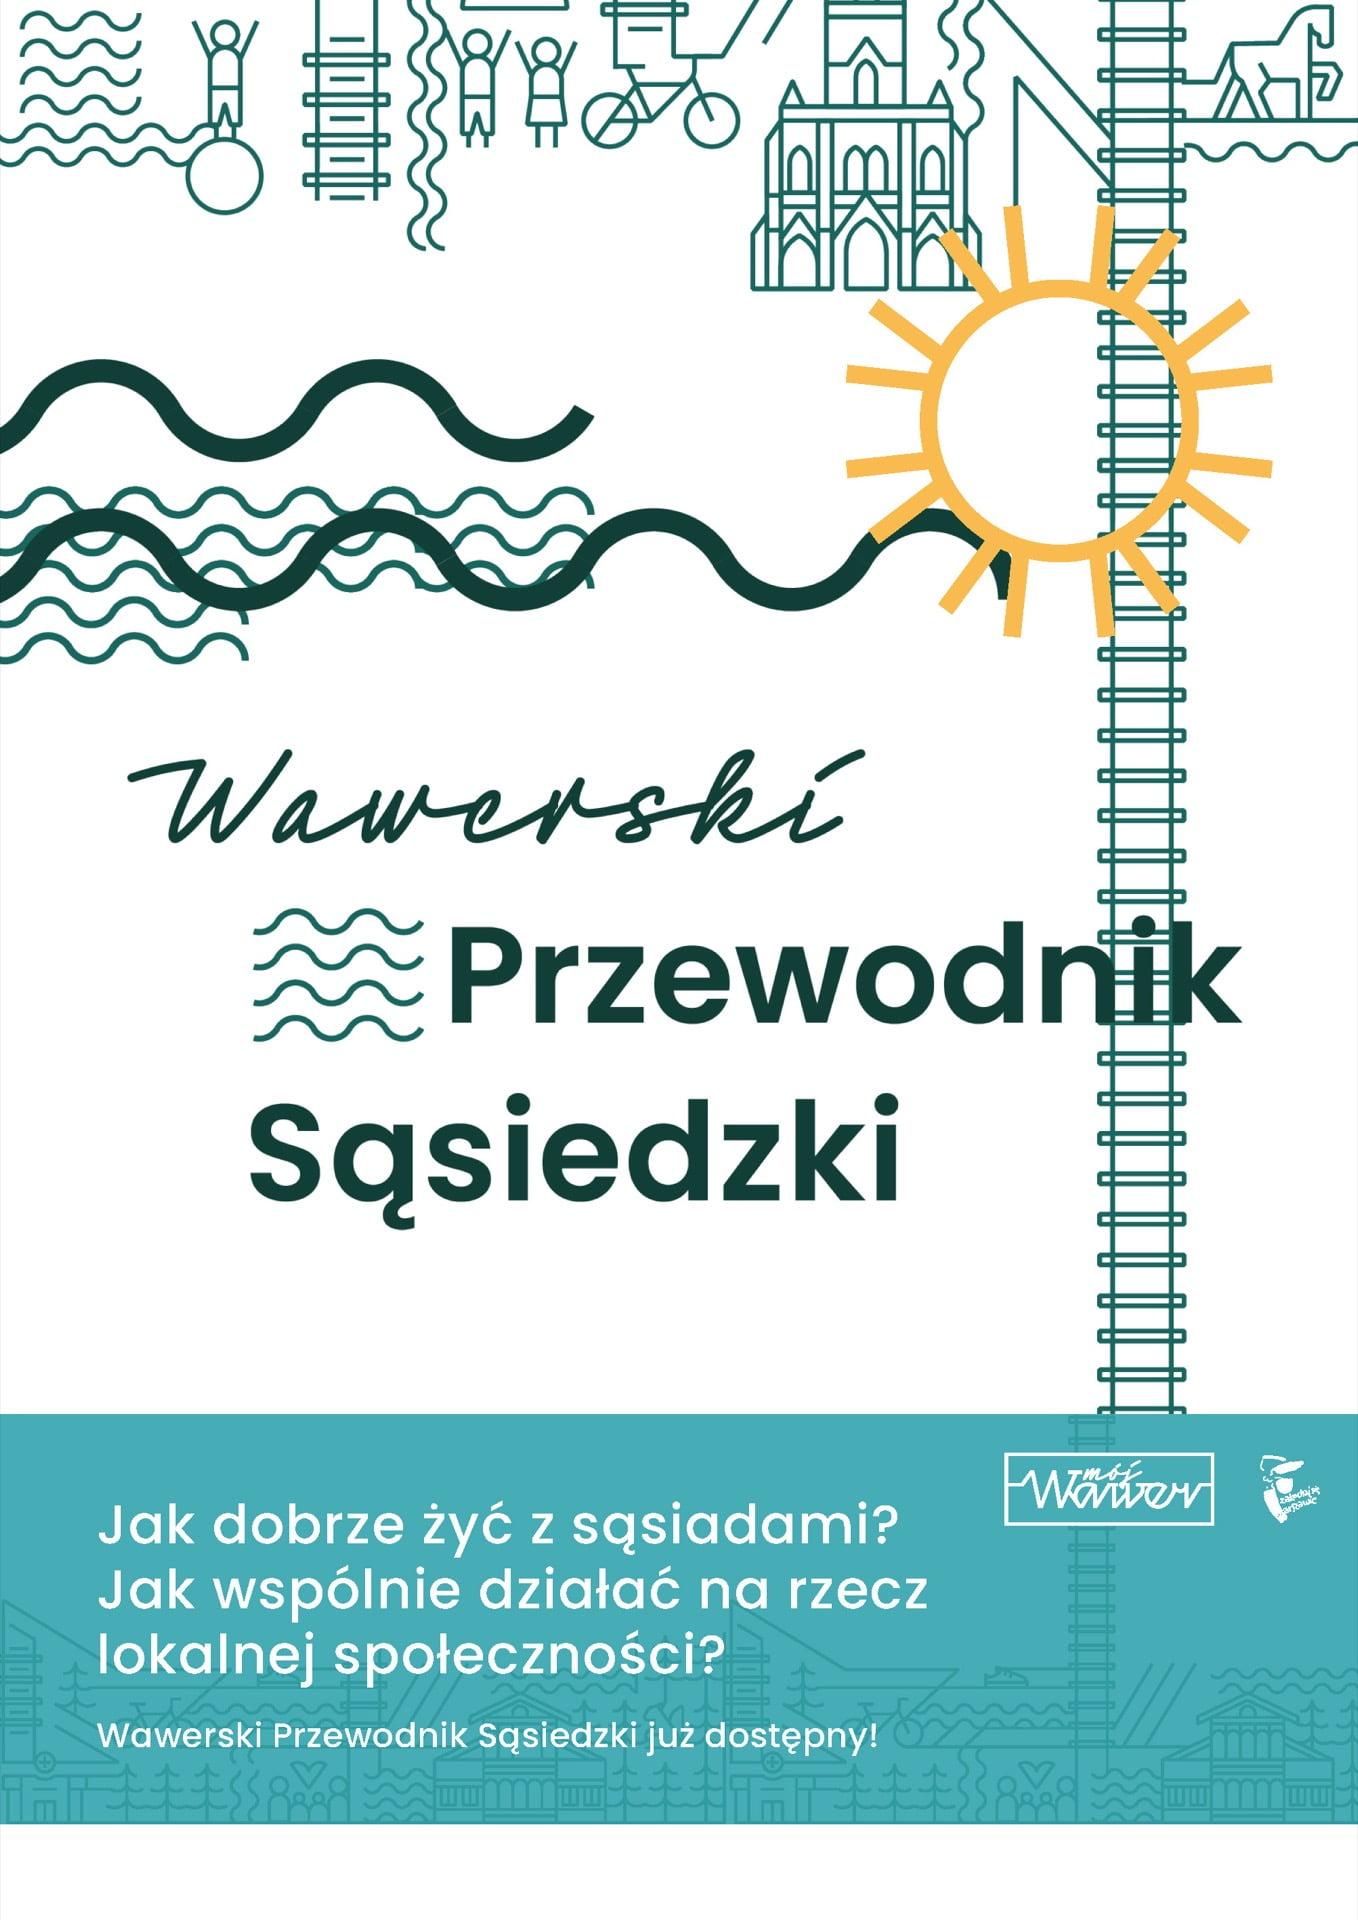 Wawerski Przewodnik Sąsiedzki